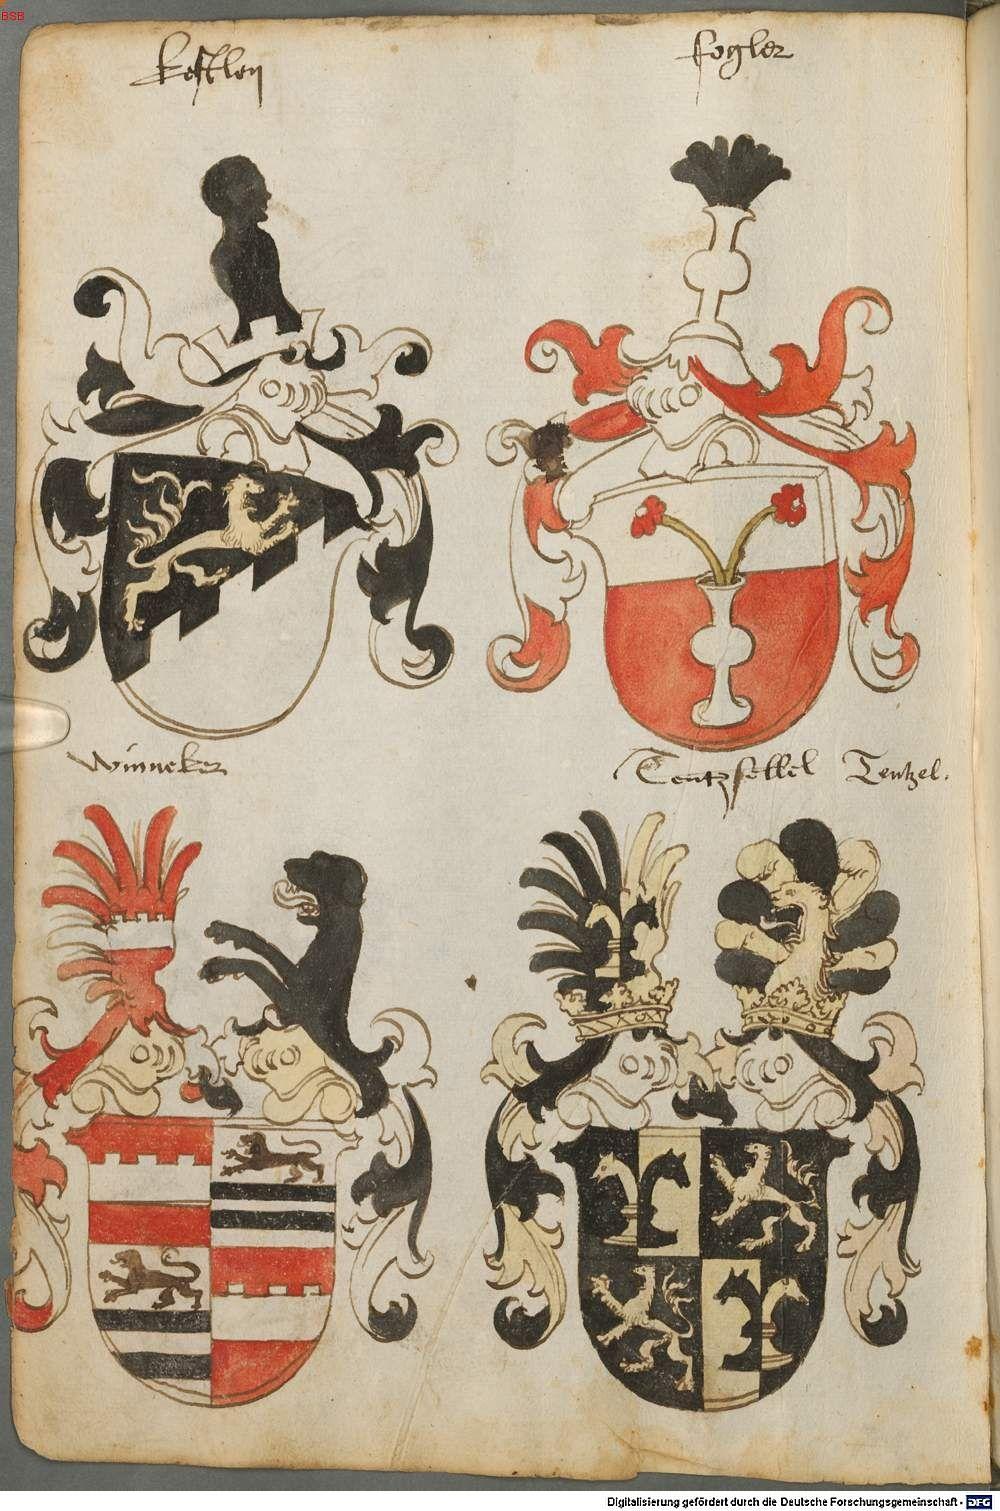 Tirol, Anton: Wappenbuch Süddeutschland, Ende 15. Jh. - 1540 Cod.icon. 310  Folio 32v